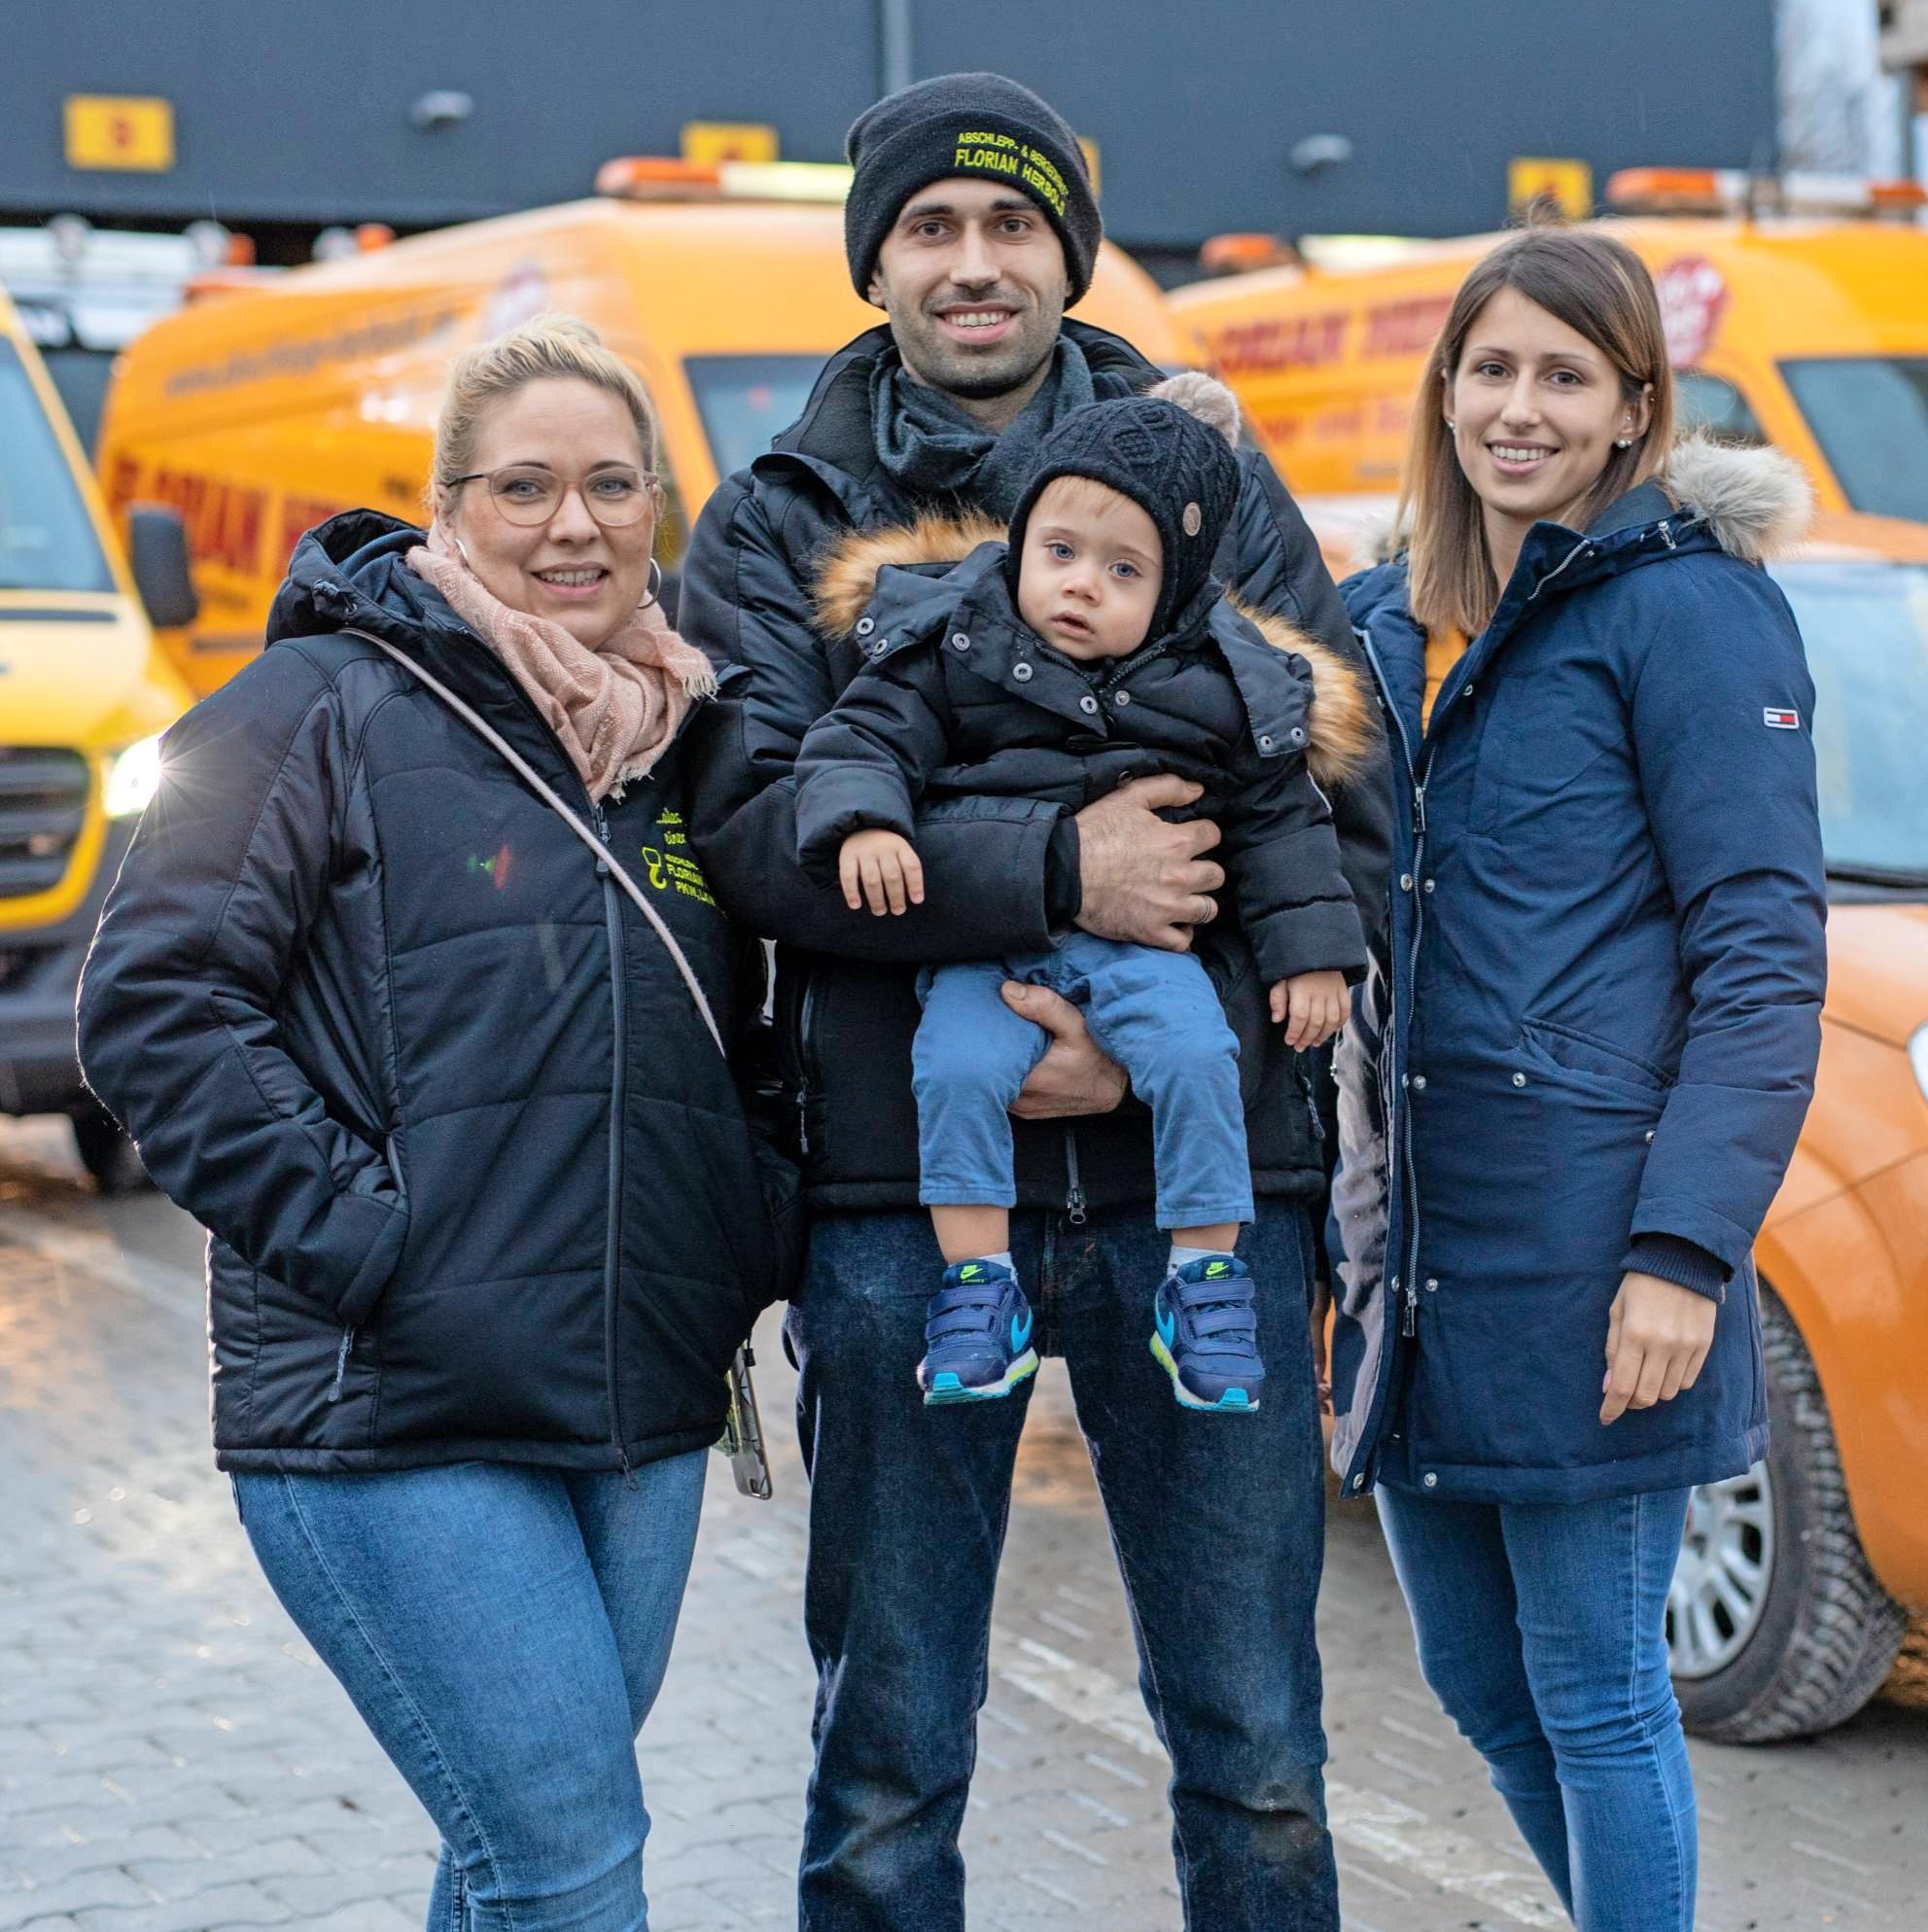 Geschäftsführer Florian Herbold mit Florian Herbold junior, Ehefrau Tanja (links) und seiner Schwester Franziska Herbold.